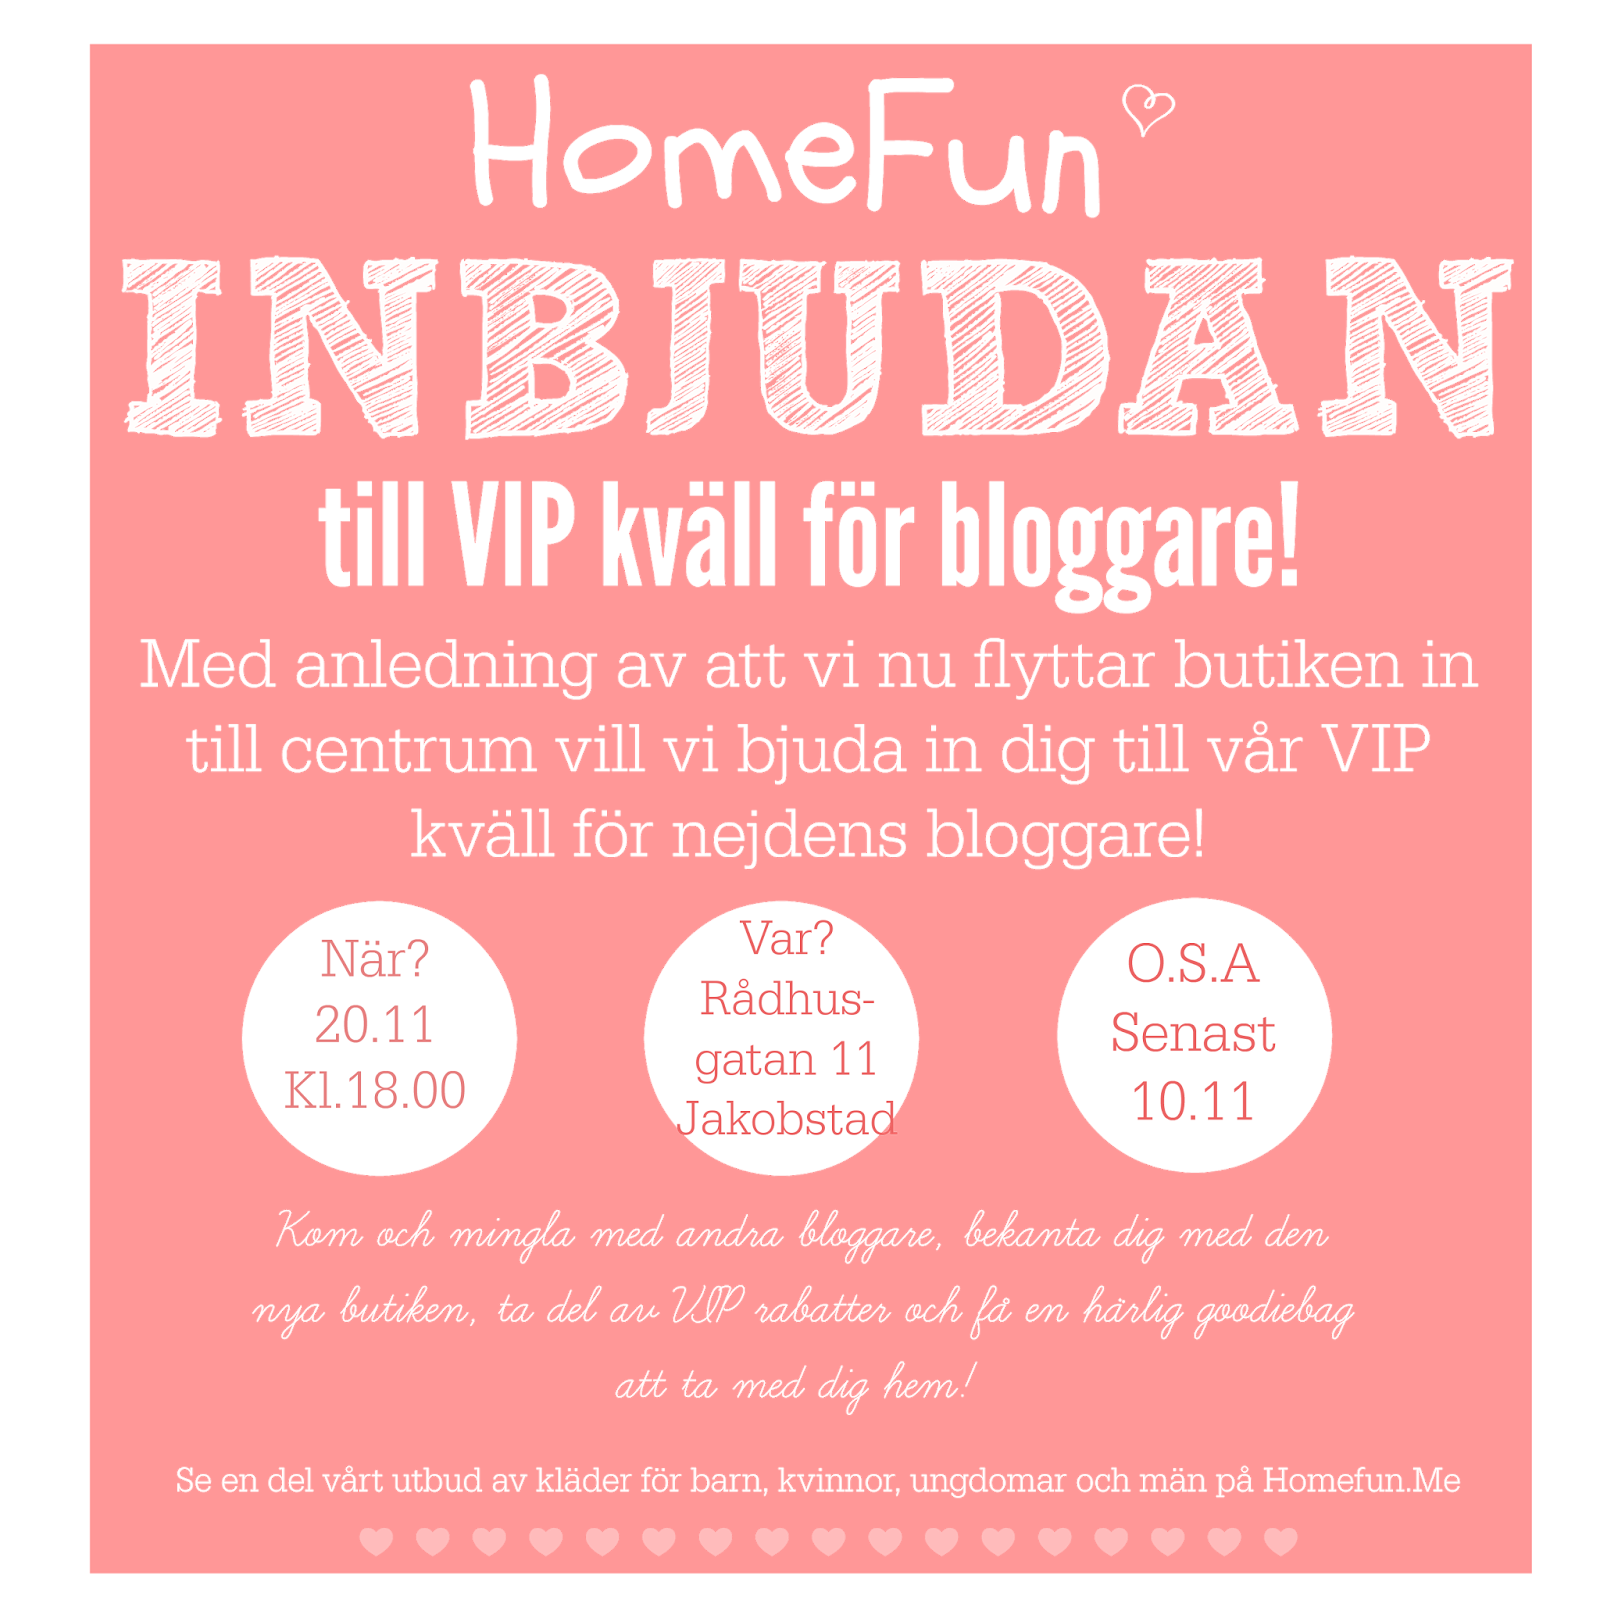 blogga och få gratis saker